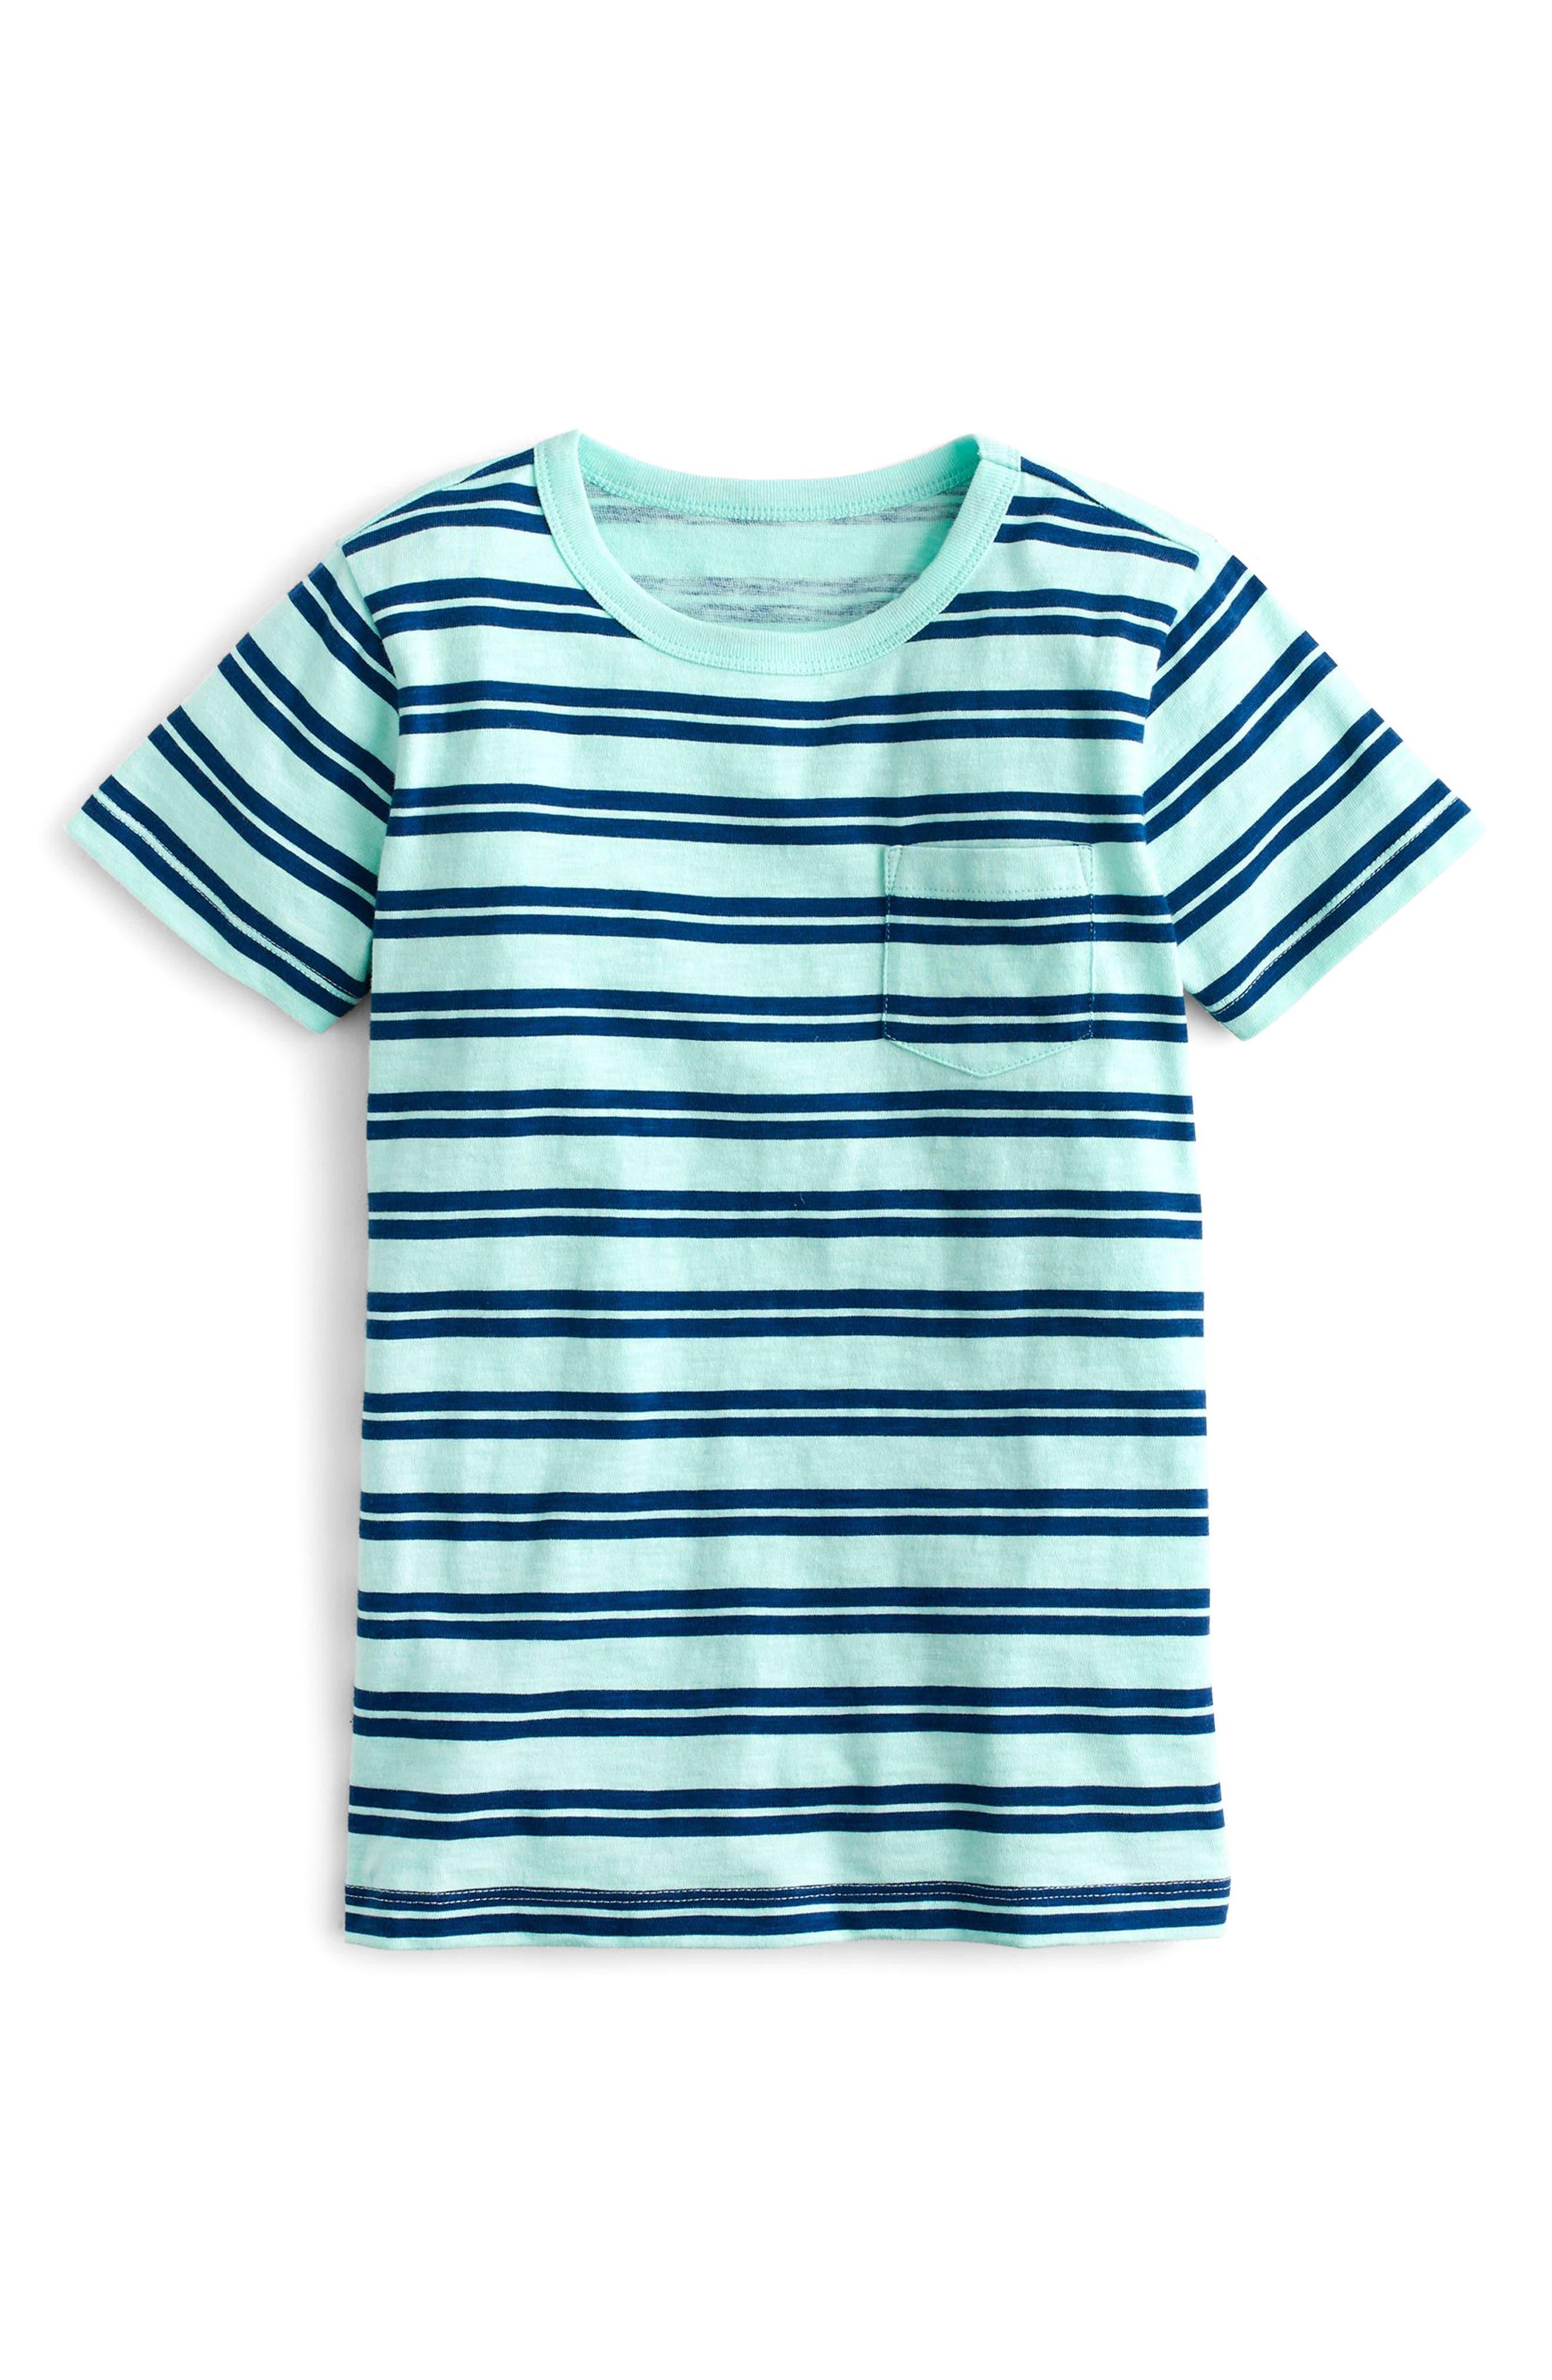 Stripe Pocket T-Shirt,                             Main thumbnail 1, color,                             300